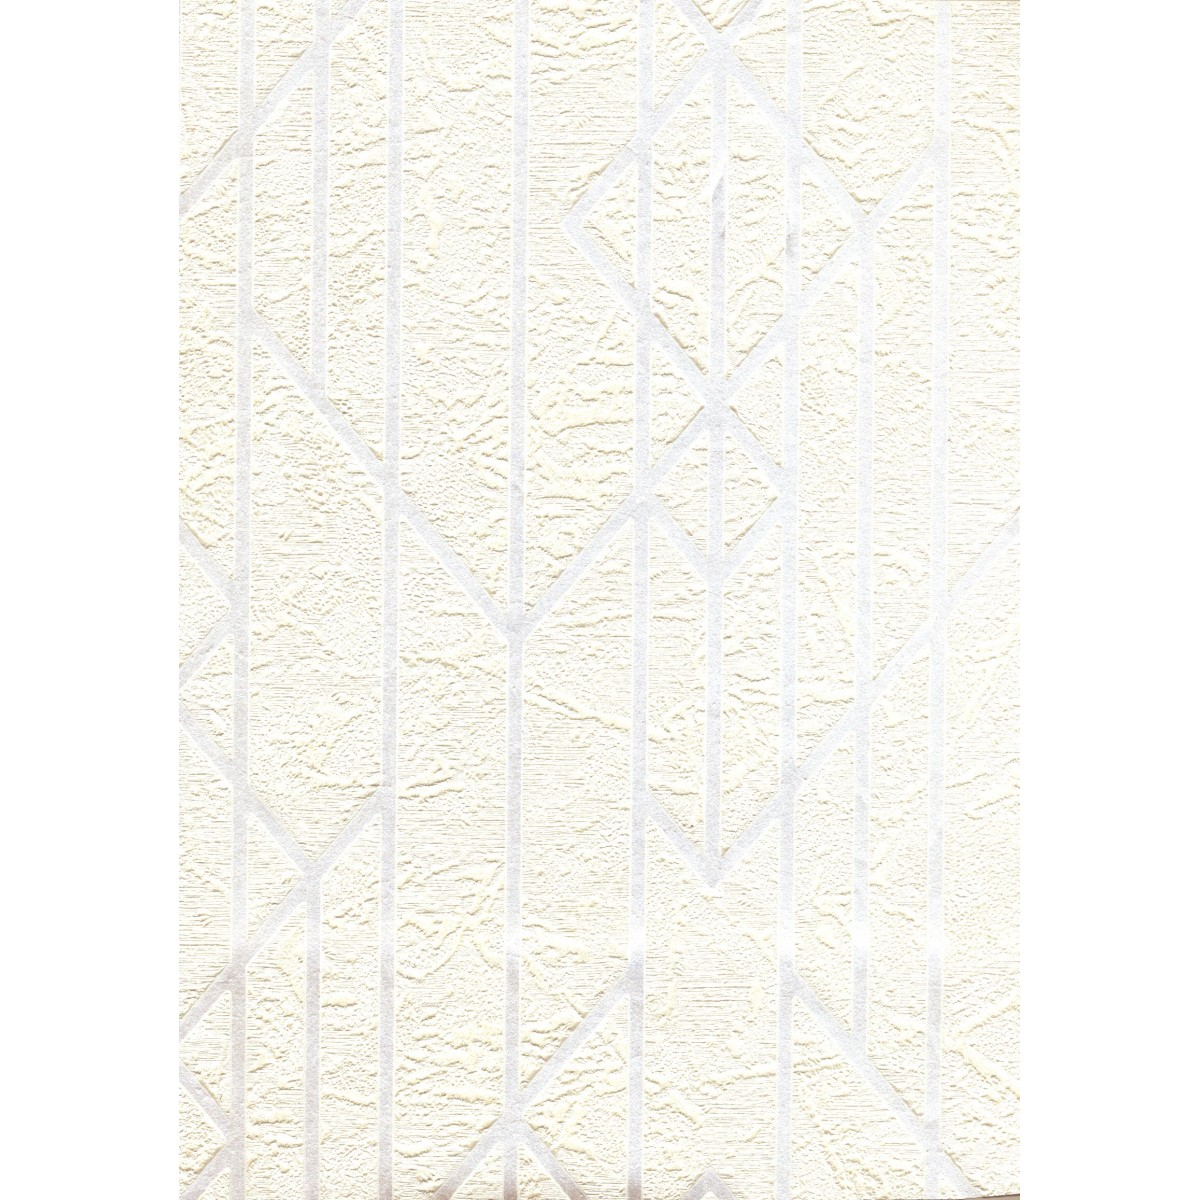 Обои флизелиновые Euro Decor Maximus белые 1.06 м 3729-2